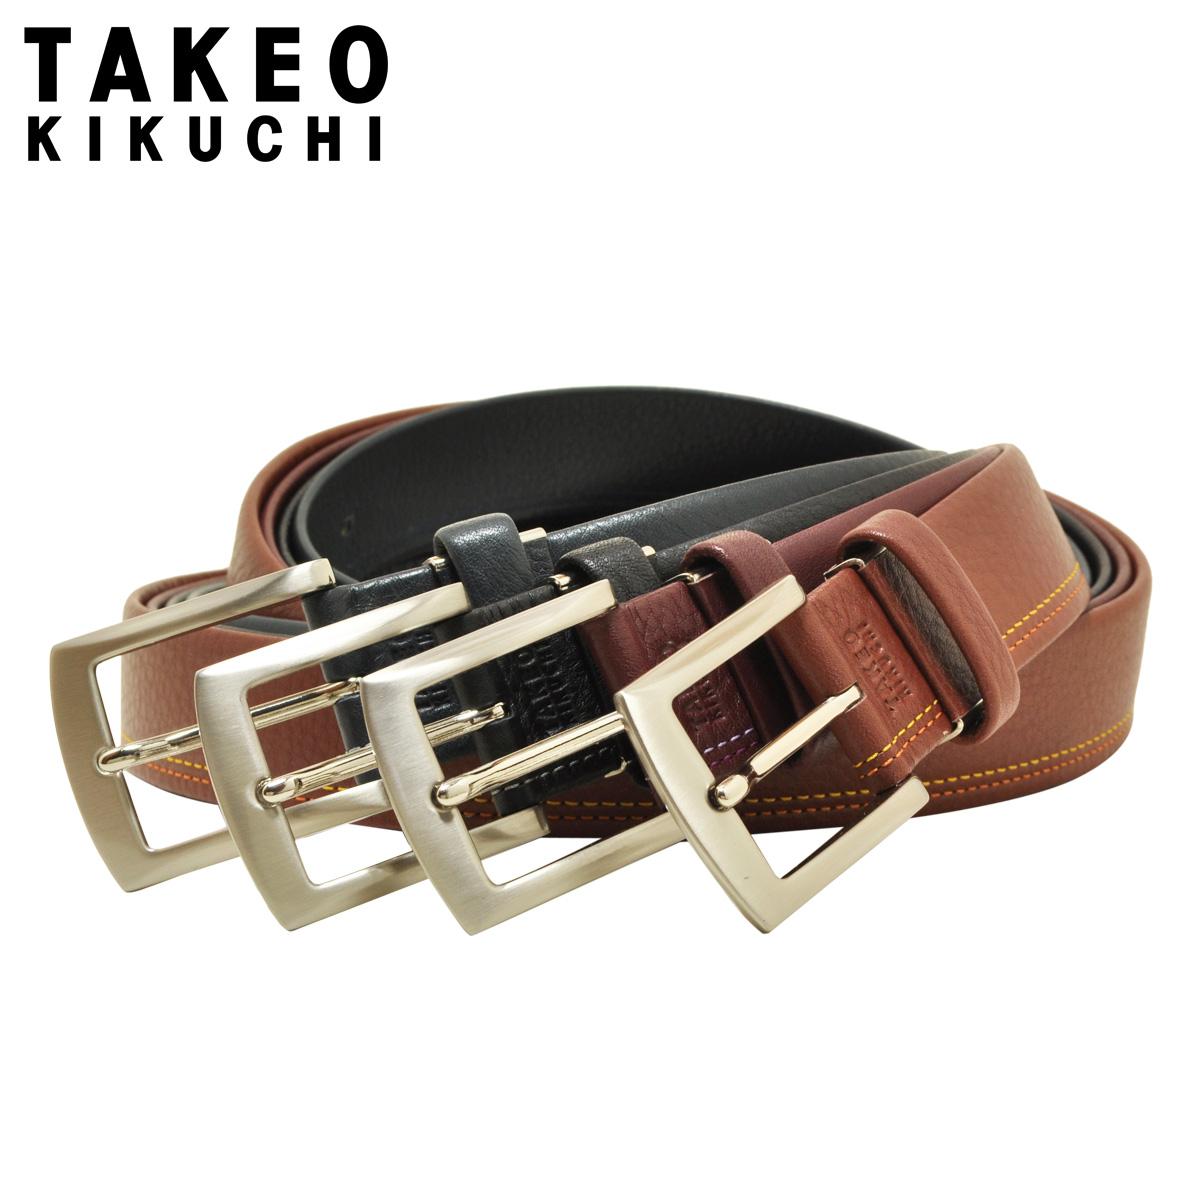 タケオキクチ ベルト ピンタイプ メンズ 4100120 日本製 TAKEO KIKUCHI|アンティーク調 ビジネス カジュアル フォーマル 牛革 本革 レザー[即日発送][PO5]